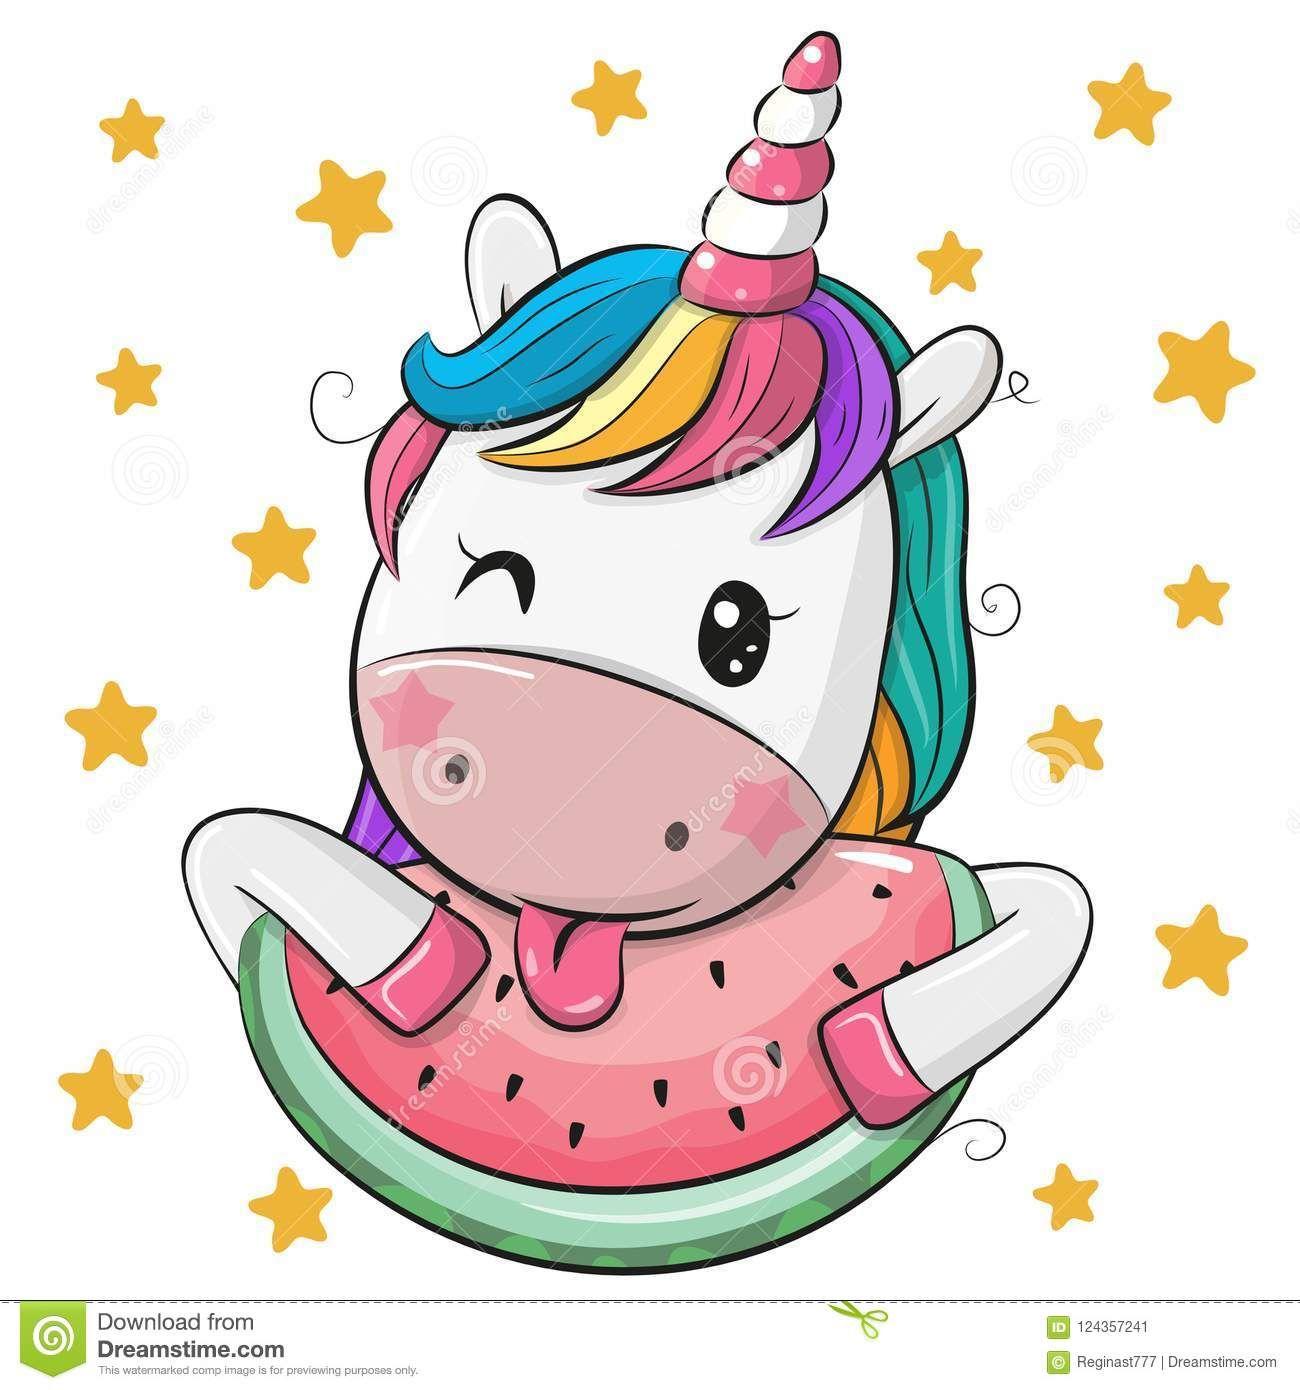 Pin Di Beyza Gumus Su Blusas Immagini Di Unicorno Disegno Unicorno Sfondi Carini